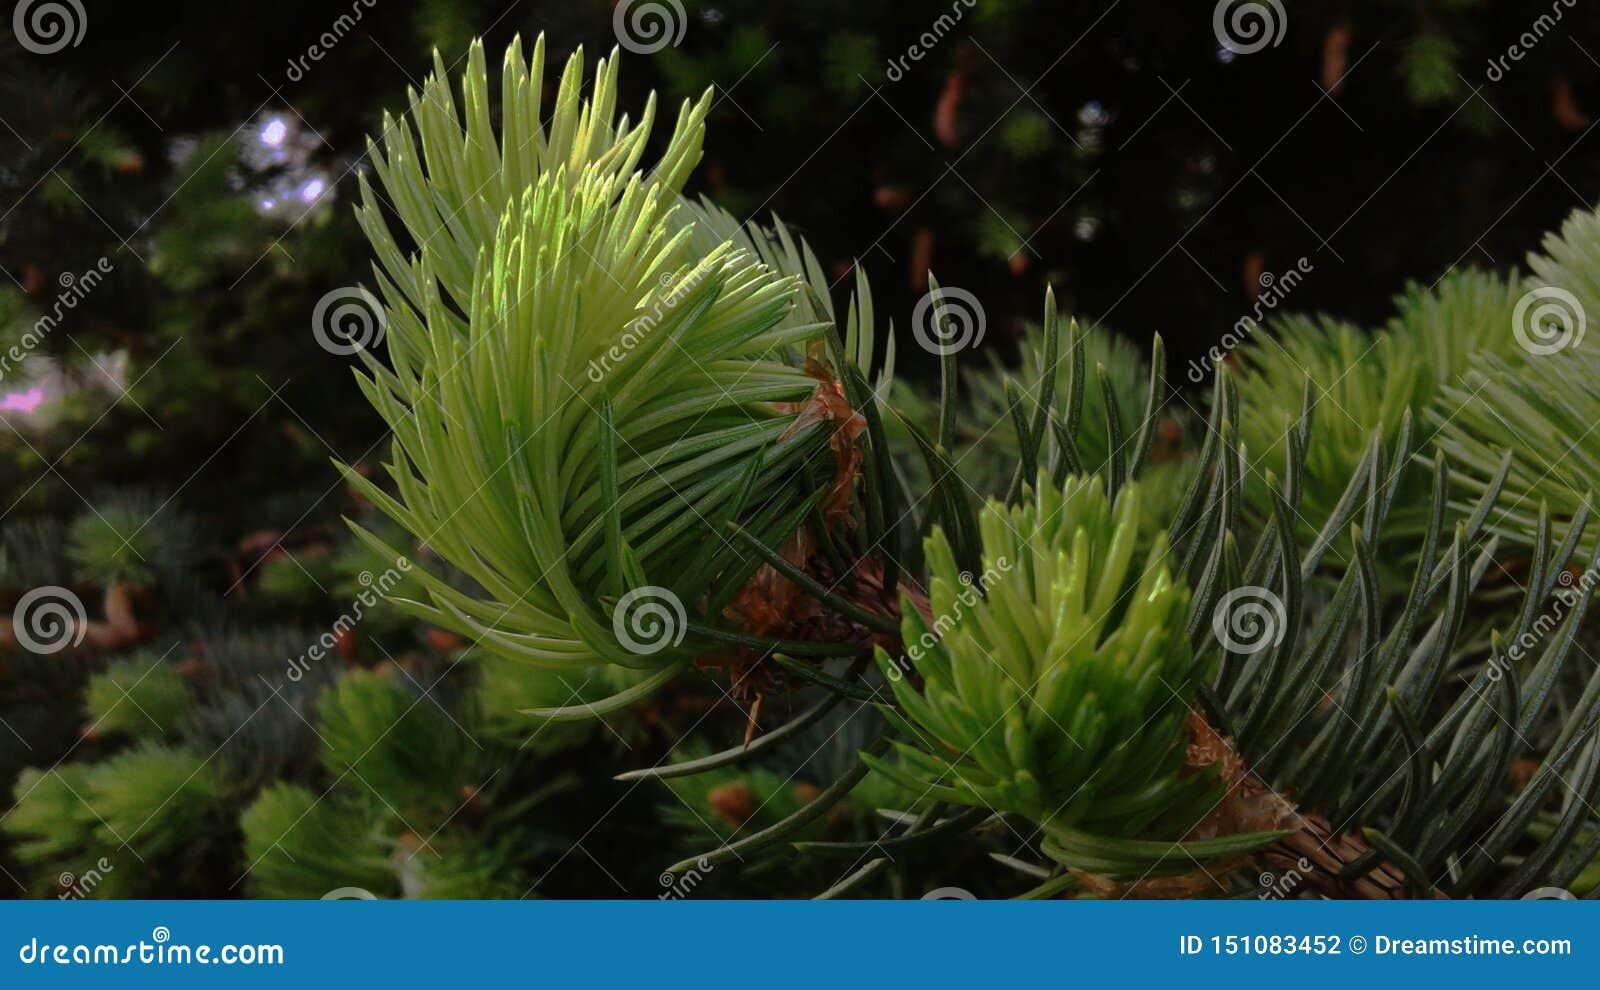 Οι νέοι βλαστοί έφαγαν στις ακτίνες του ήλιου άνοιξη Κωνοφόρο για πάντα πράσινο δέντρο